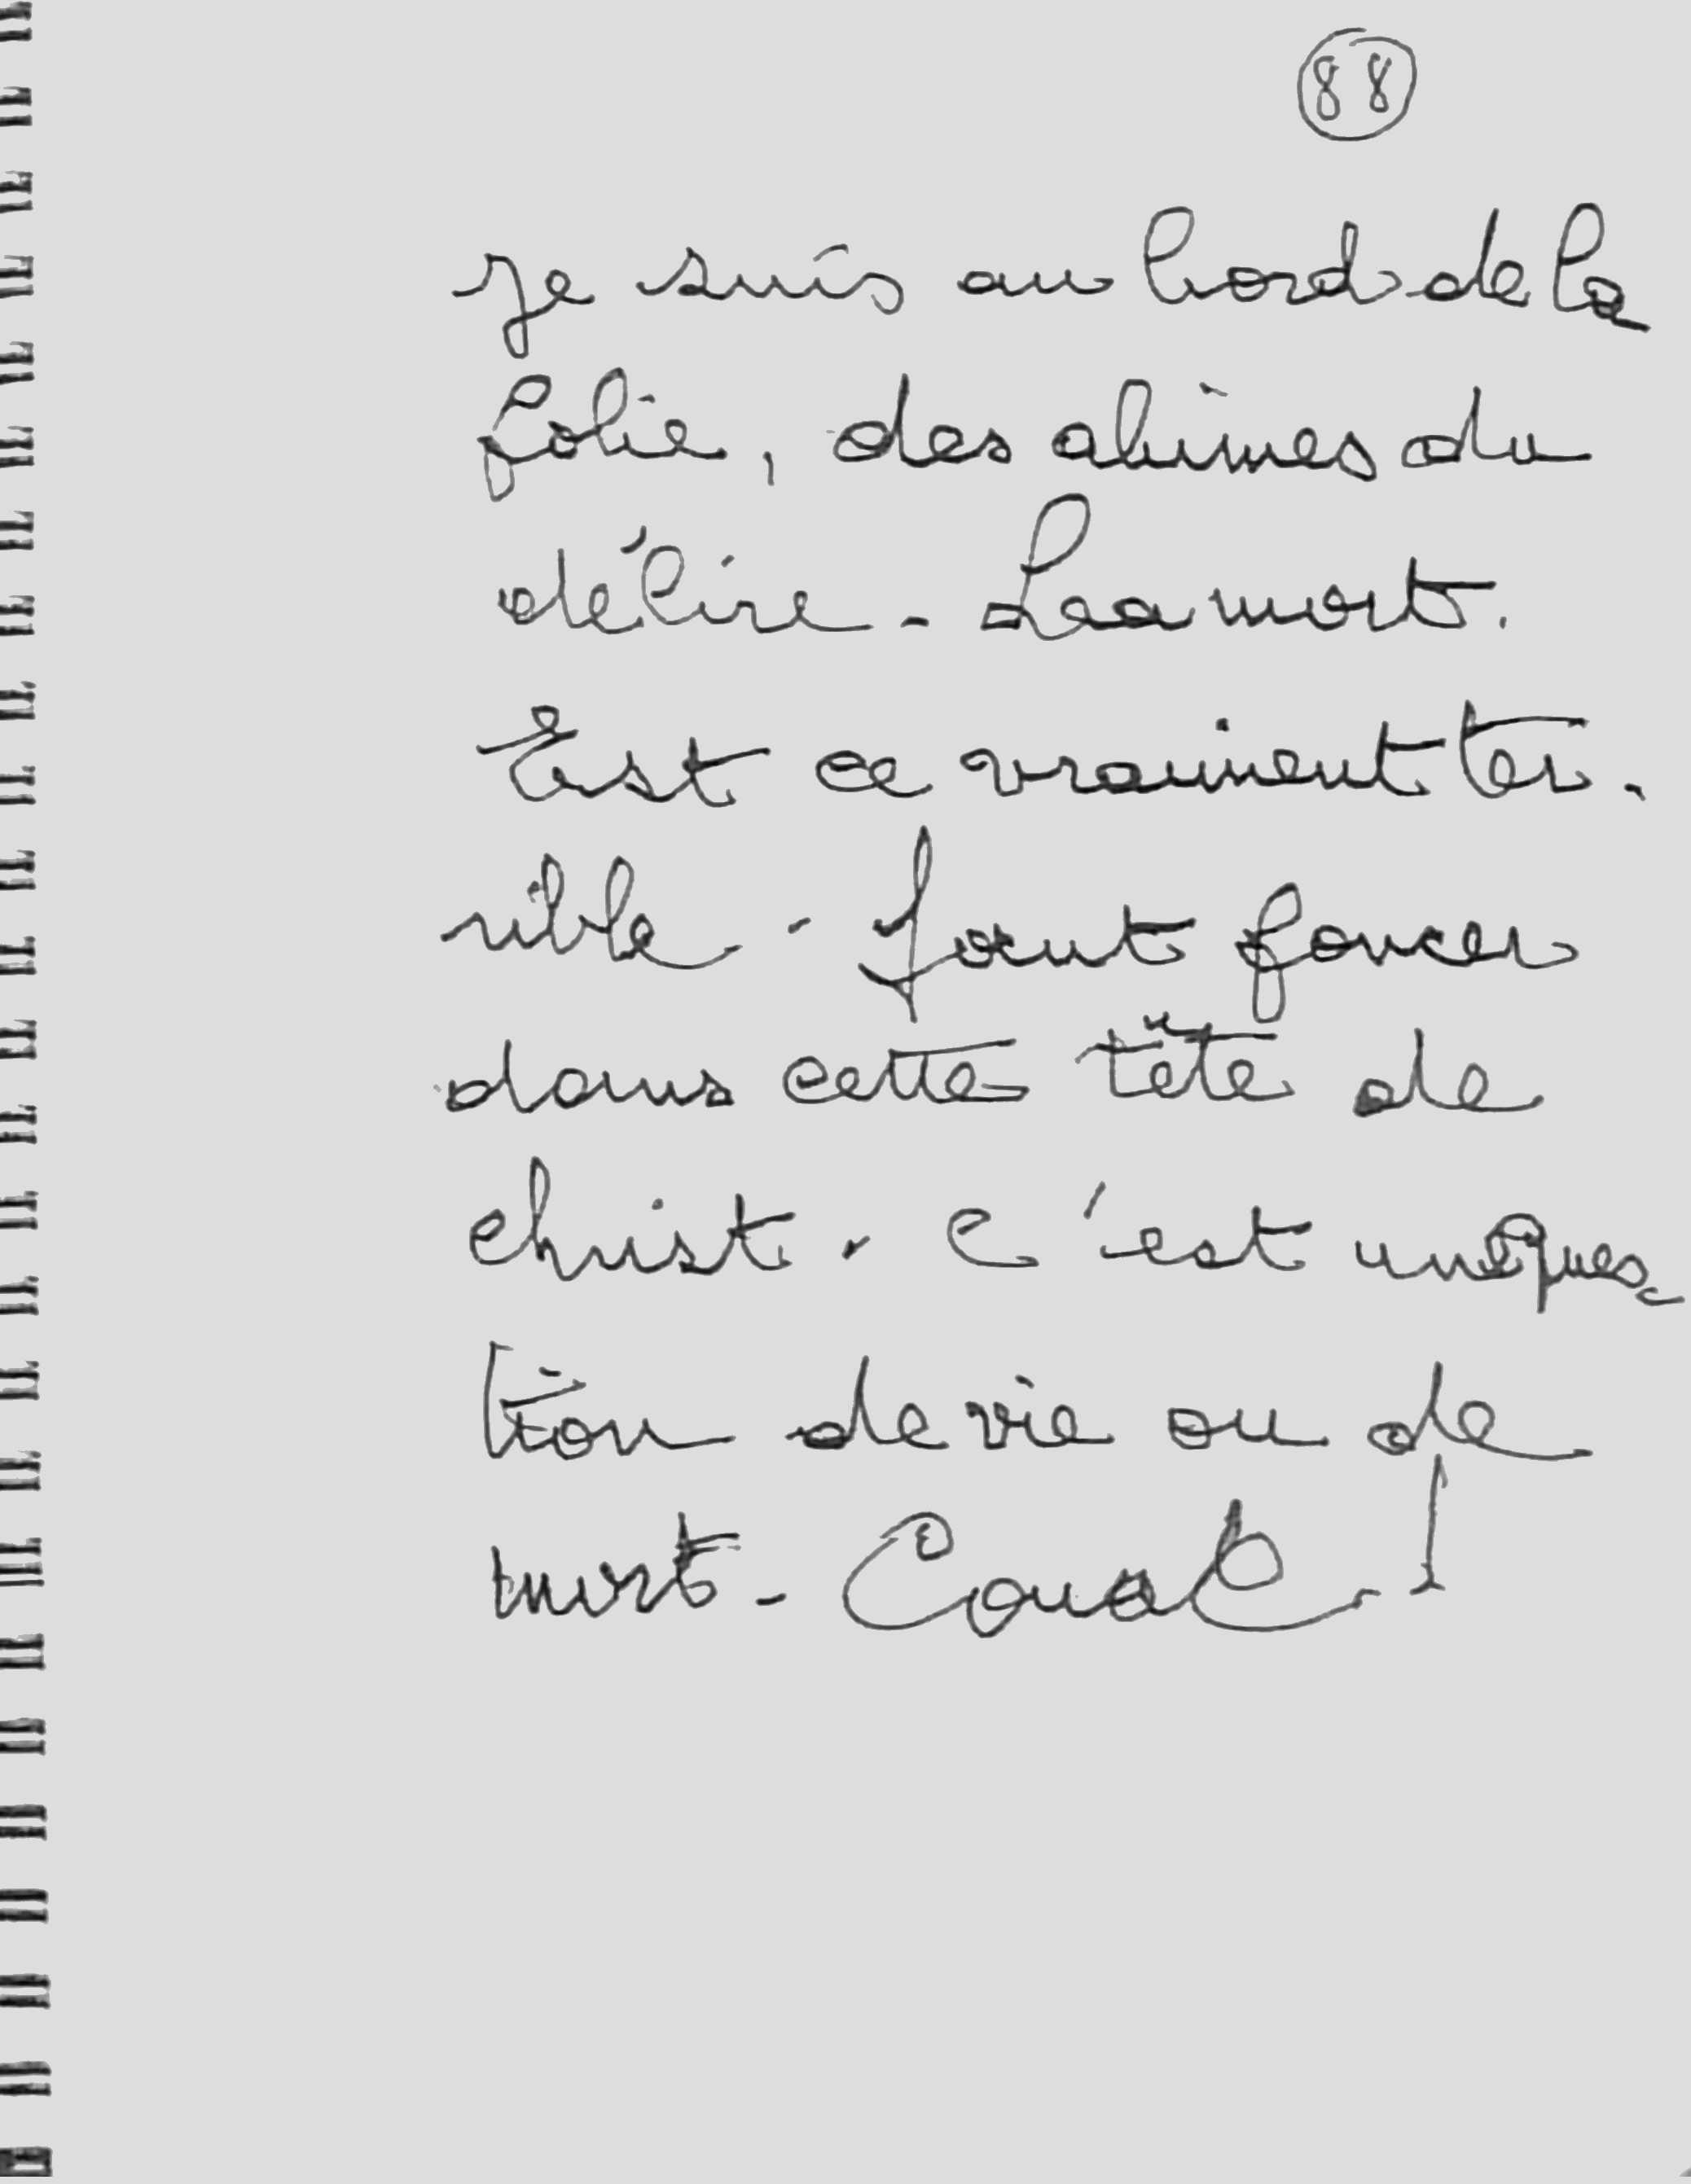 manuscrit du poème 2759